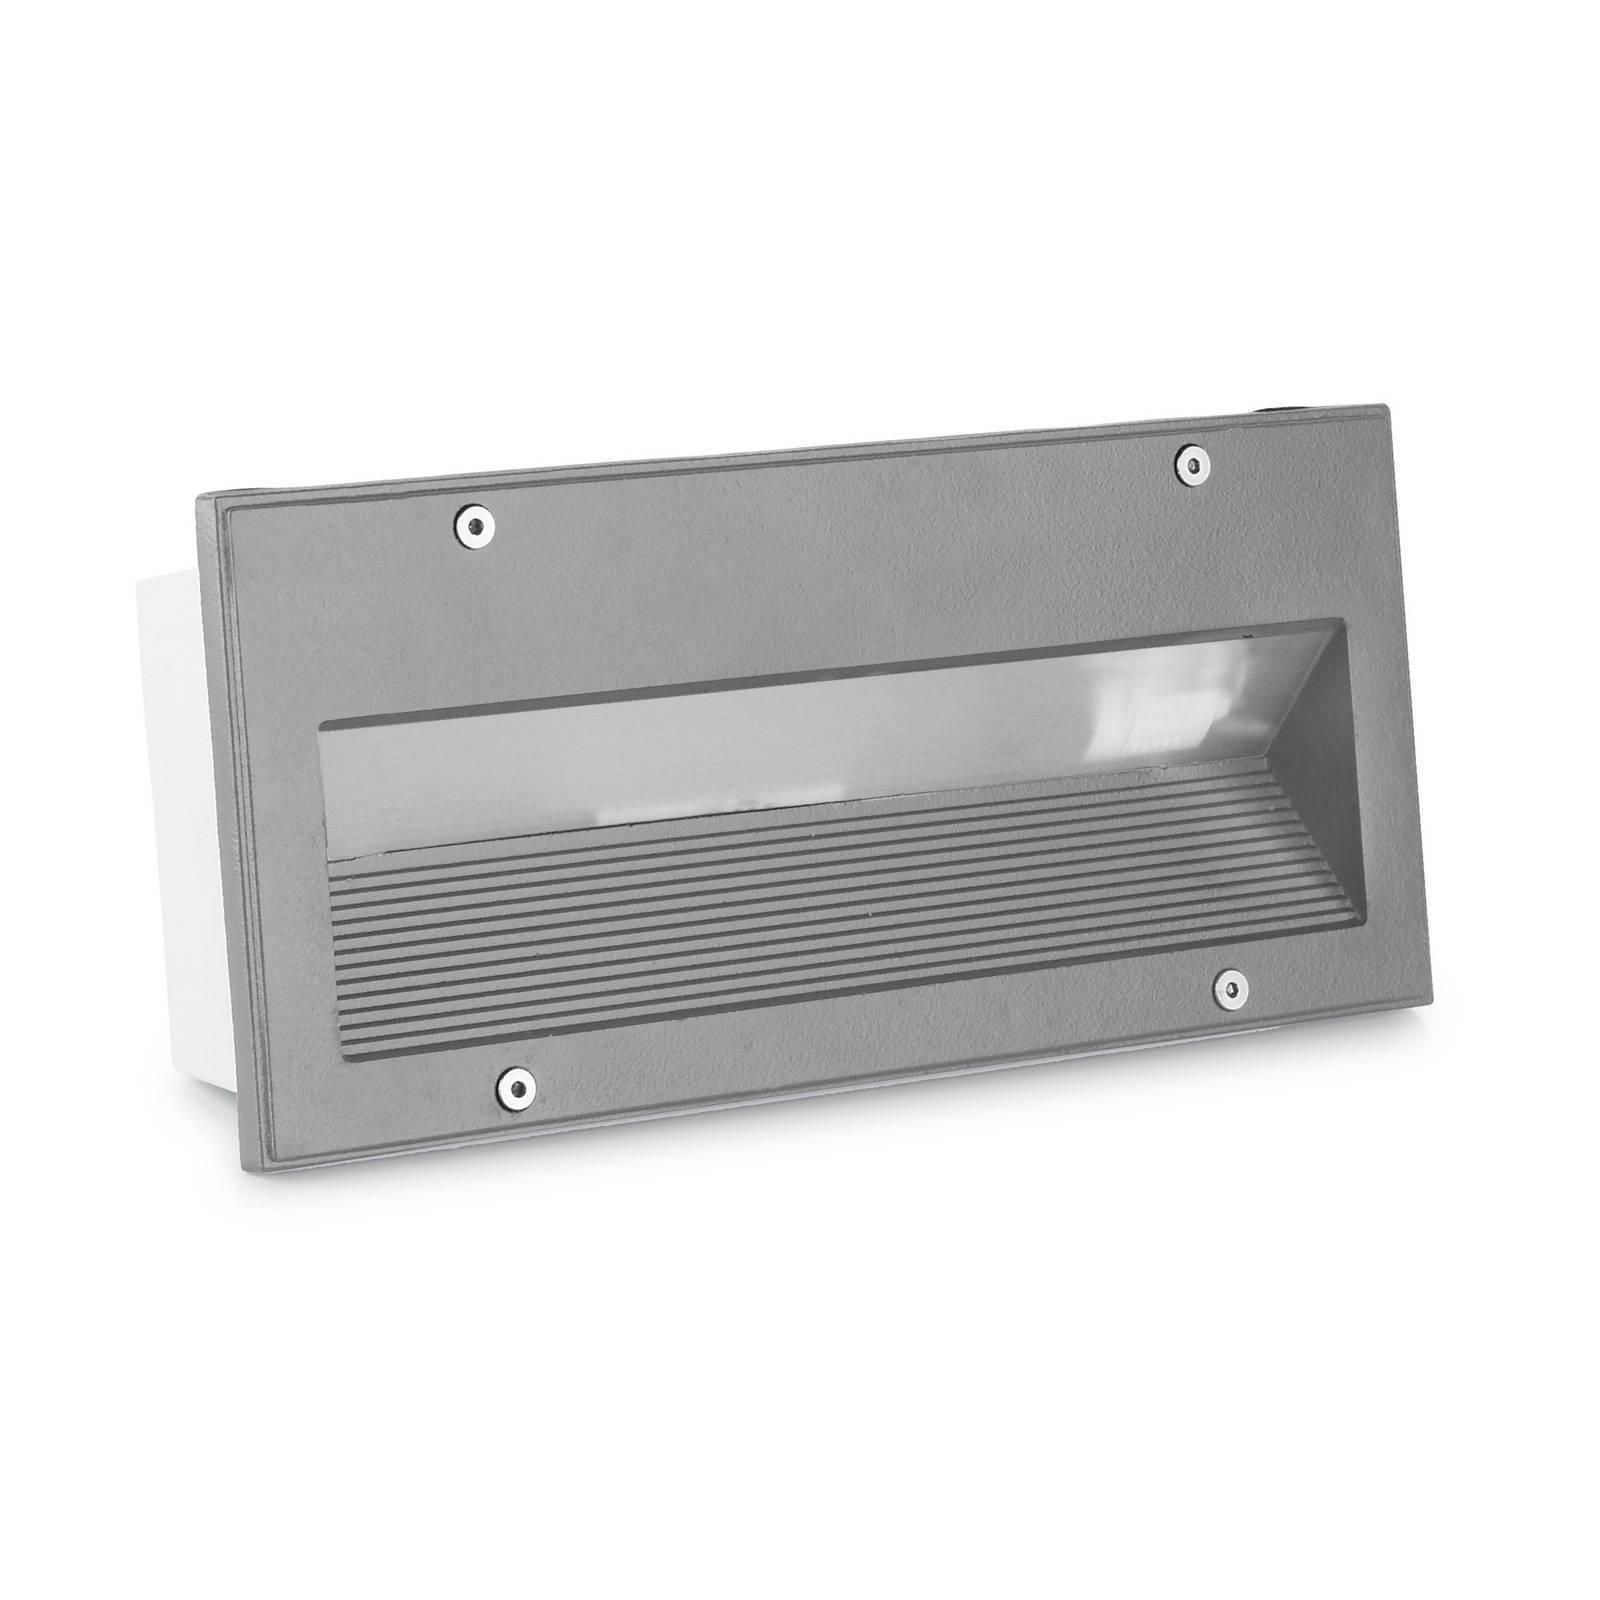 LEDS-C4 Micenas da incasso 25,5x11,5 cm, grigio